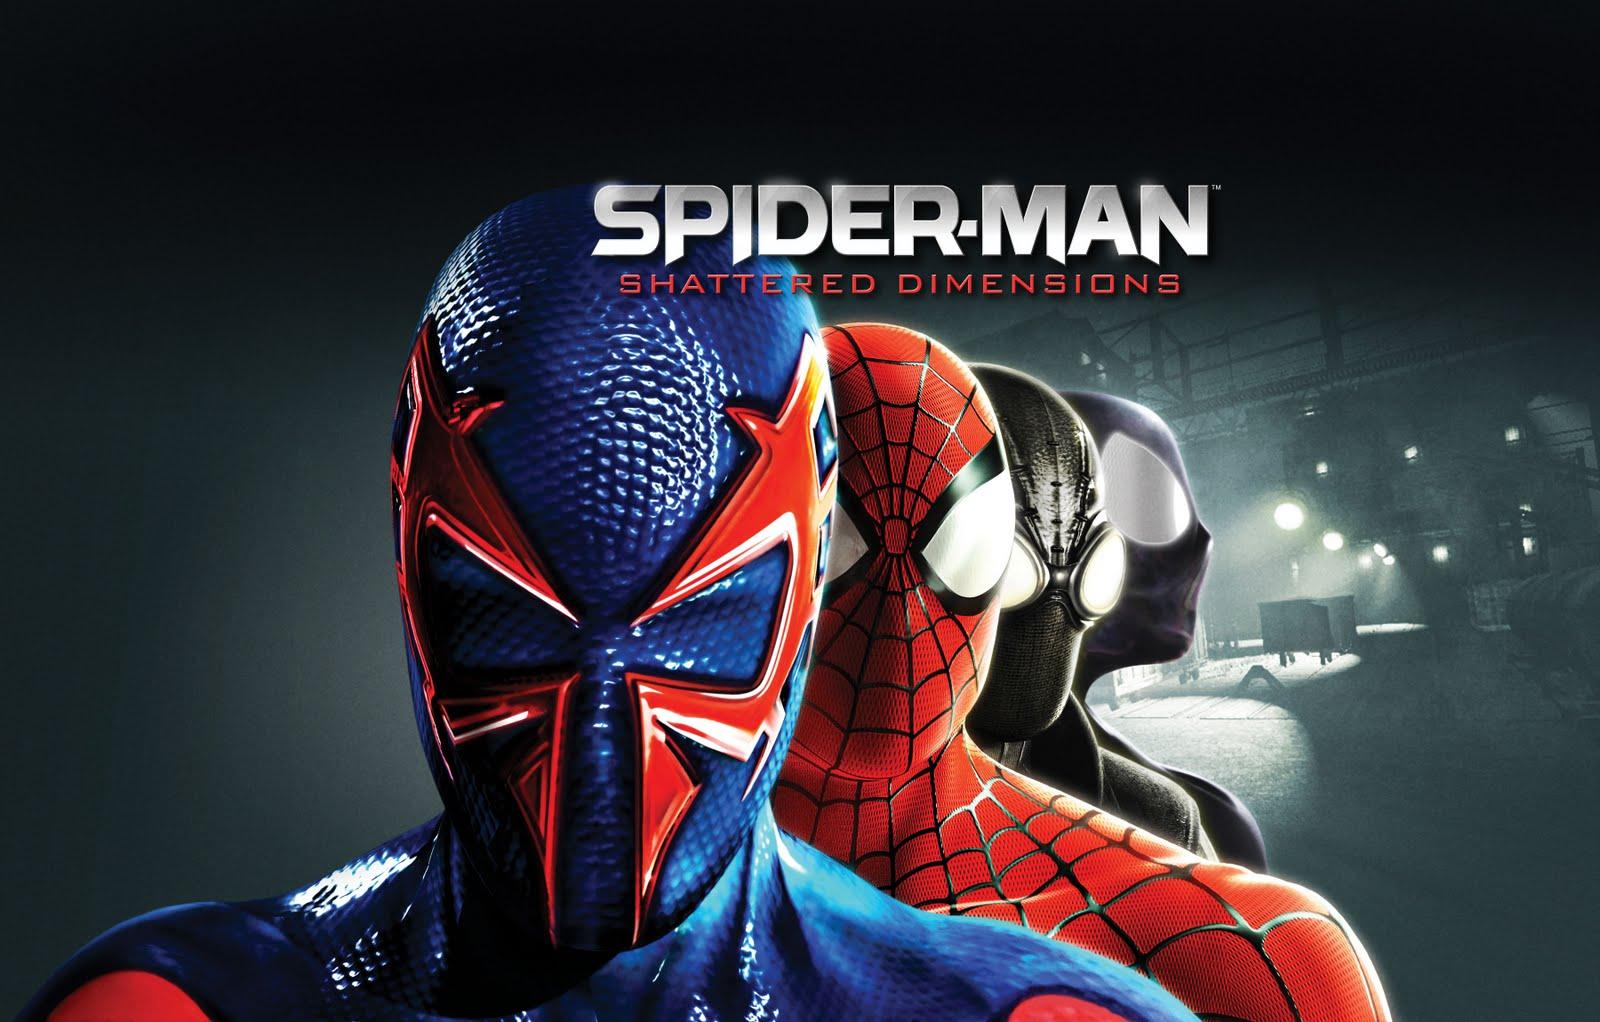 http://4.bp.blogspot.com/-AEfcLsmmpMw/TcOwLTKyWrI/AAAAAAAAAWA/N0DlY1l-Vzc/s1600/Spider-Man+Shattered+Dimensions.jpg